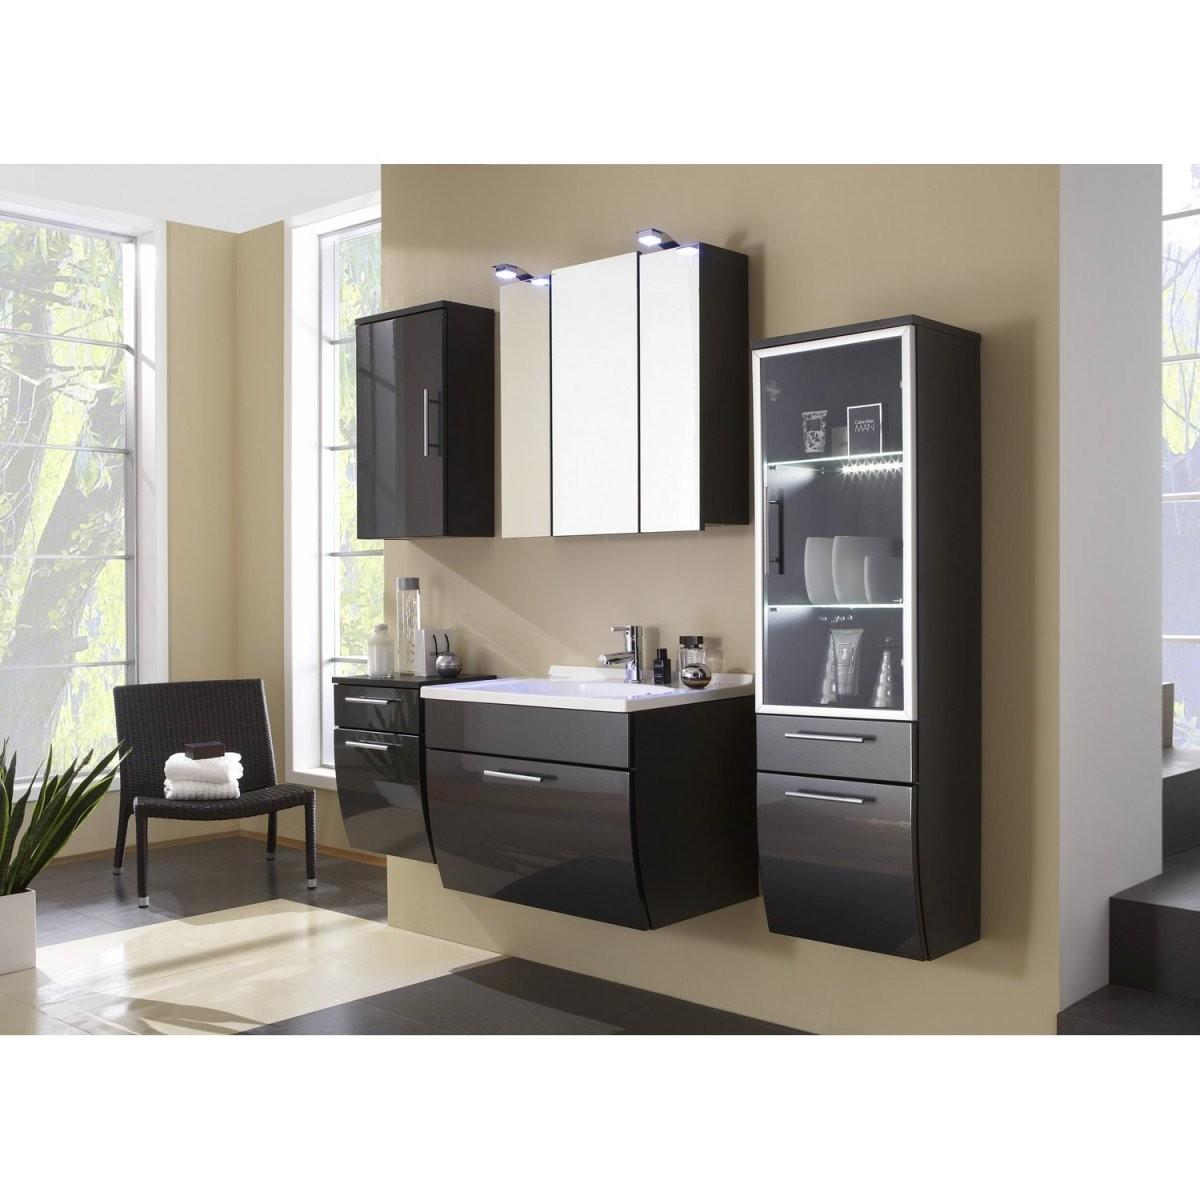 Badmöbel Set Online Kaufen Bei Obi von Badezimmer Komplett Günstig Kaufen Photo